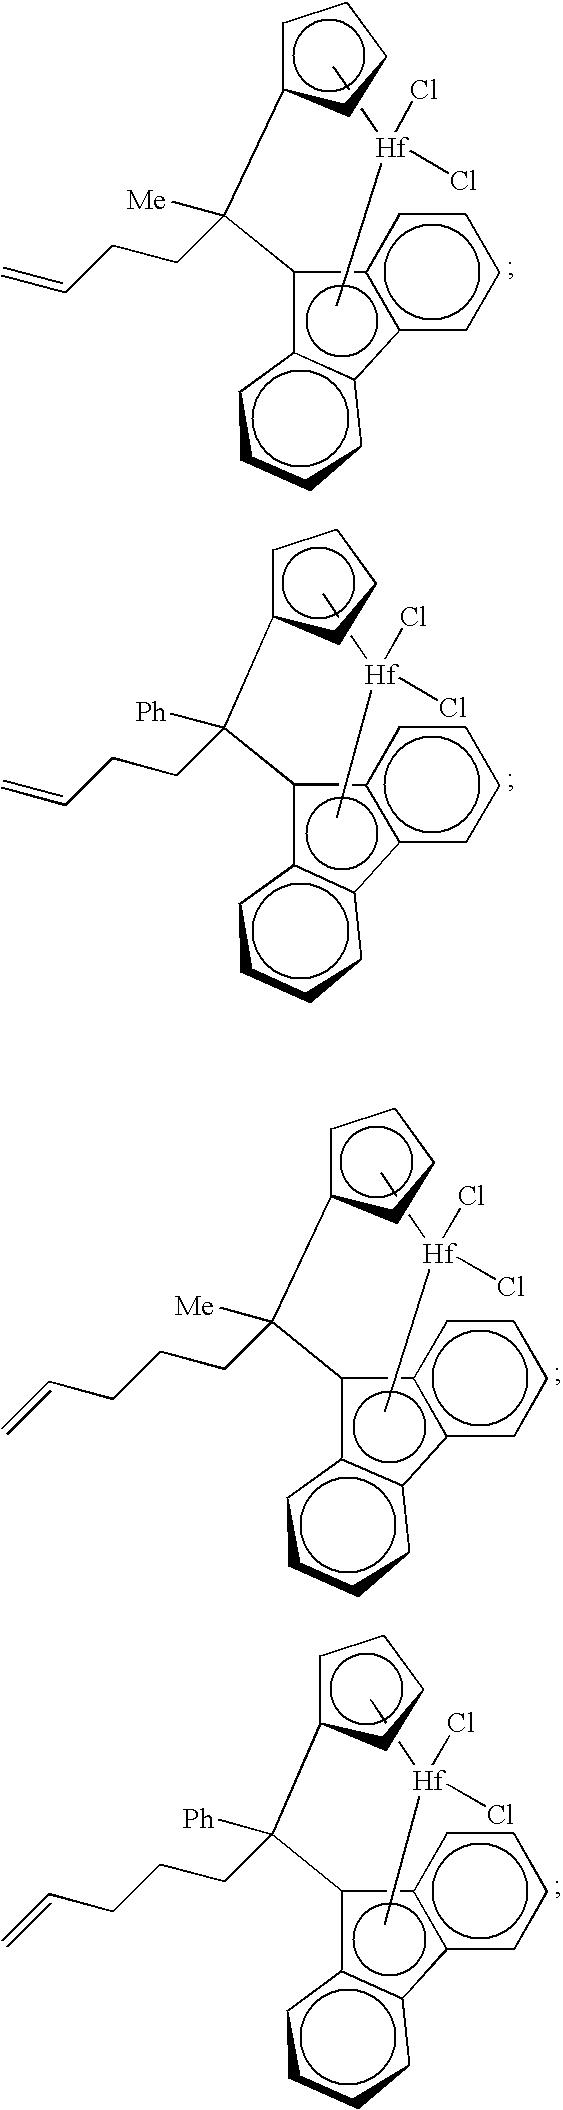 Figure US20090170690A1-20090702-C00012